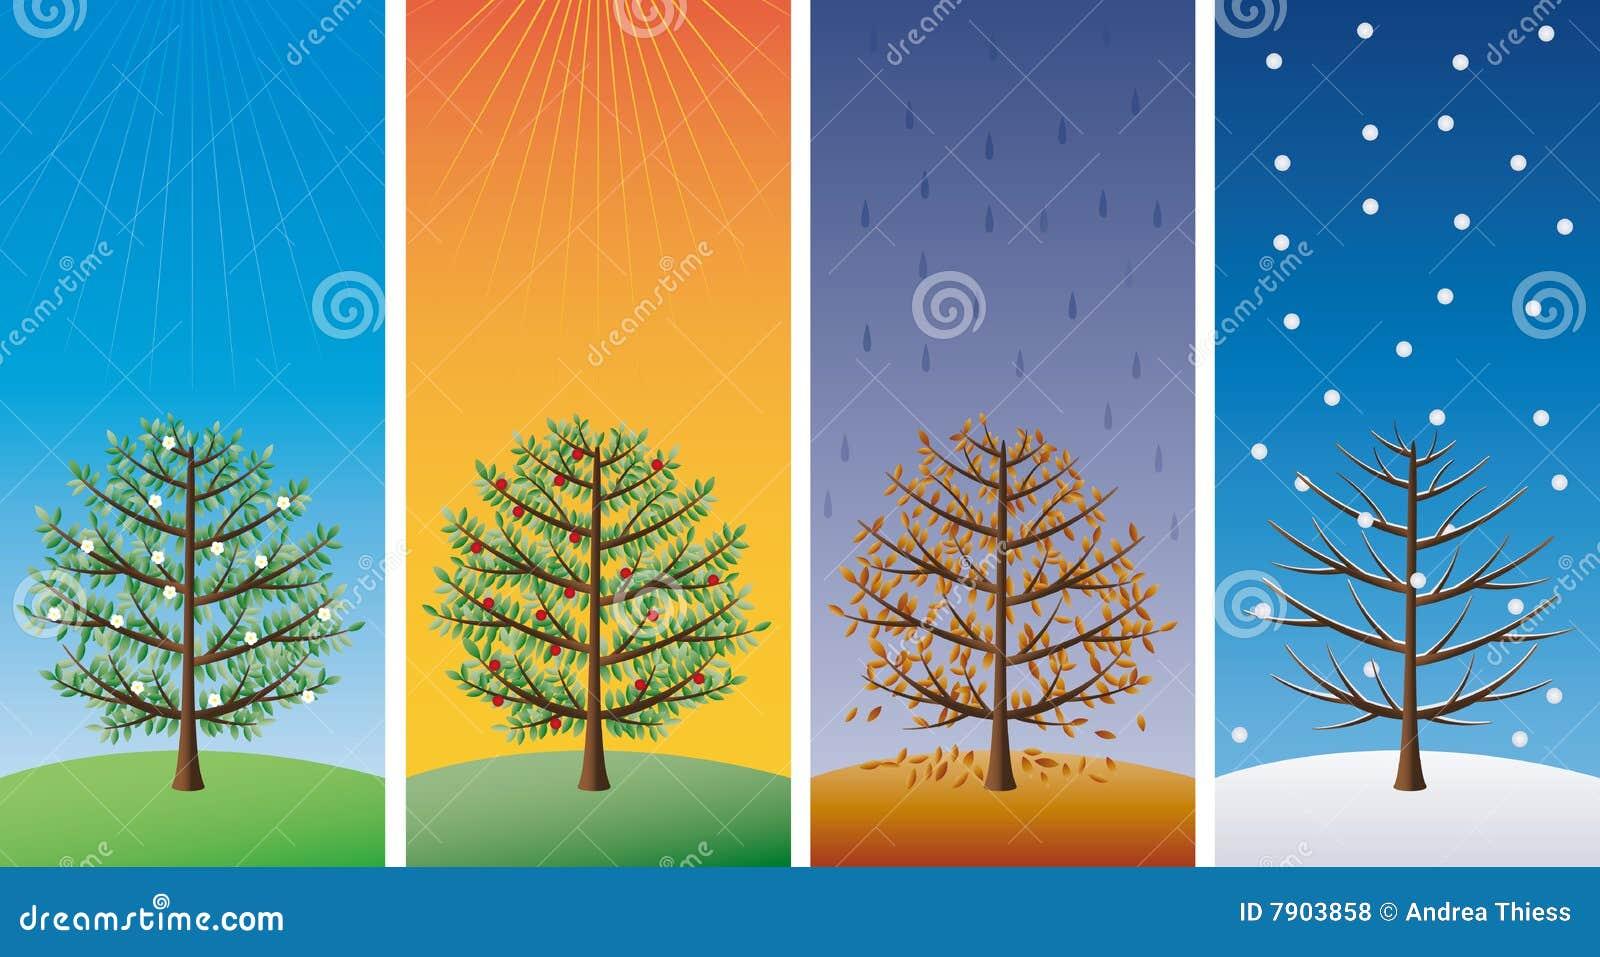 季节与季节之间